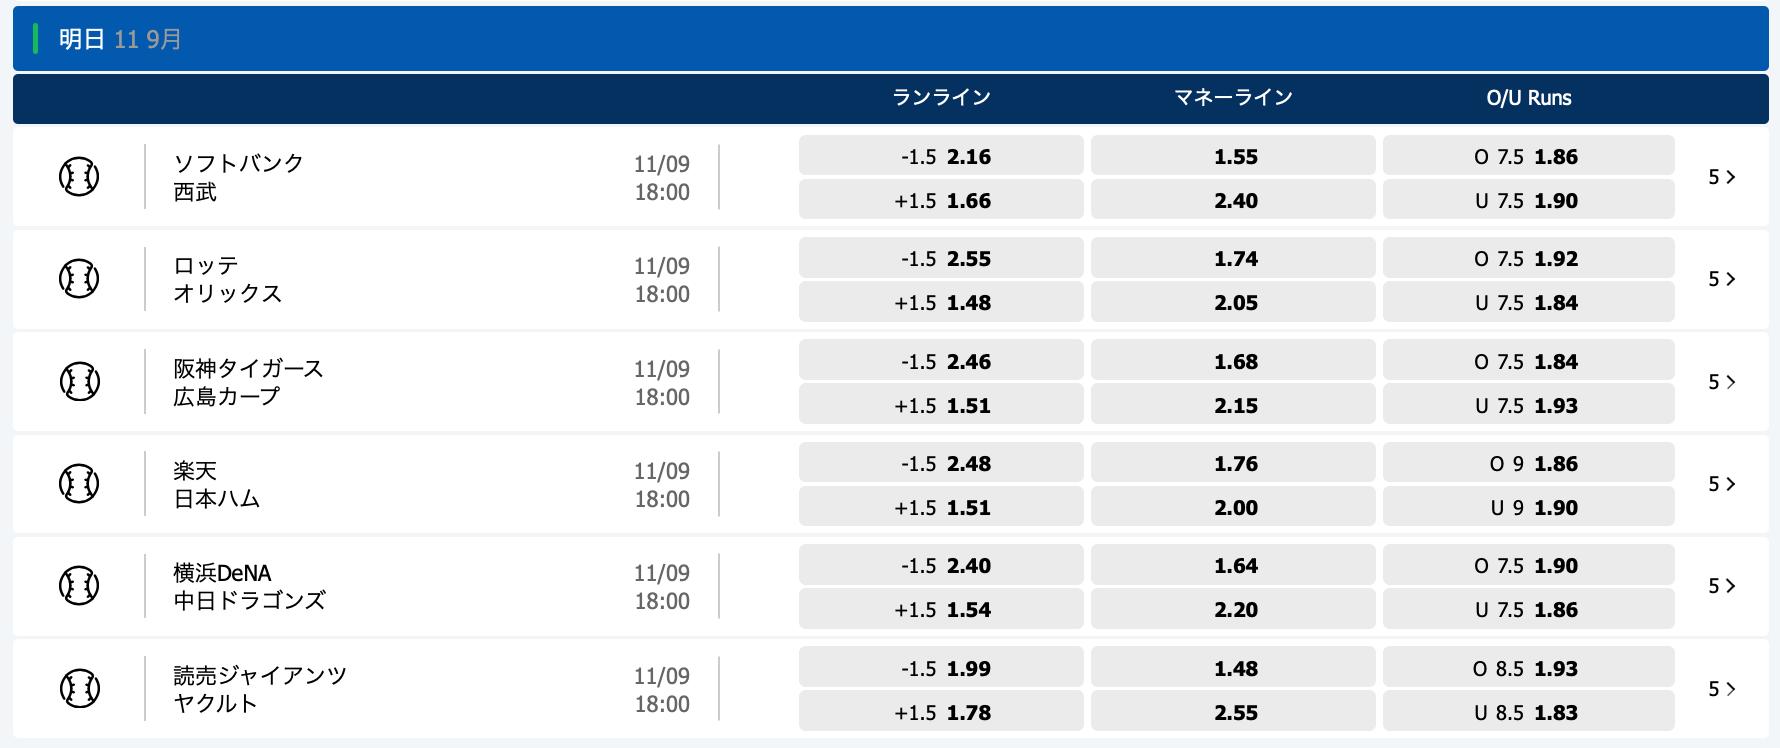 2020.9.11 プロ野球オッズ・10bet Japan